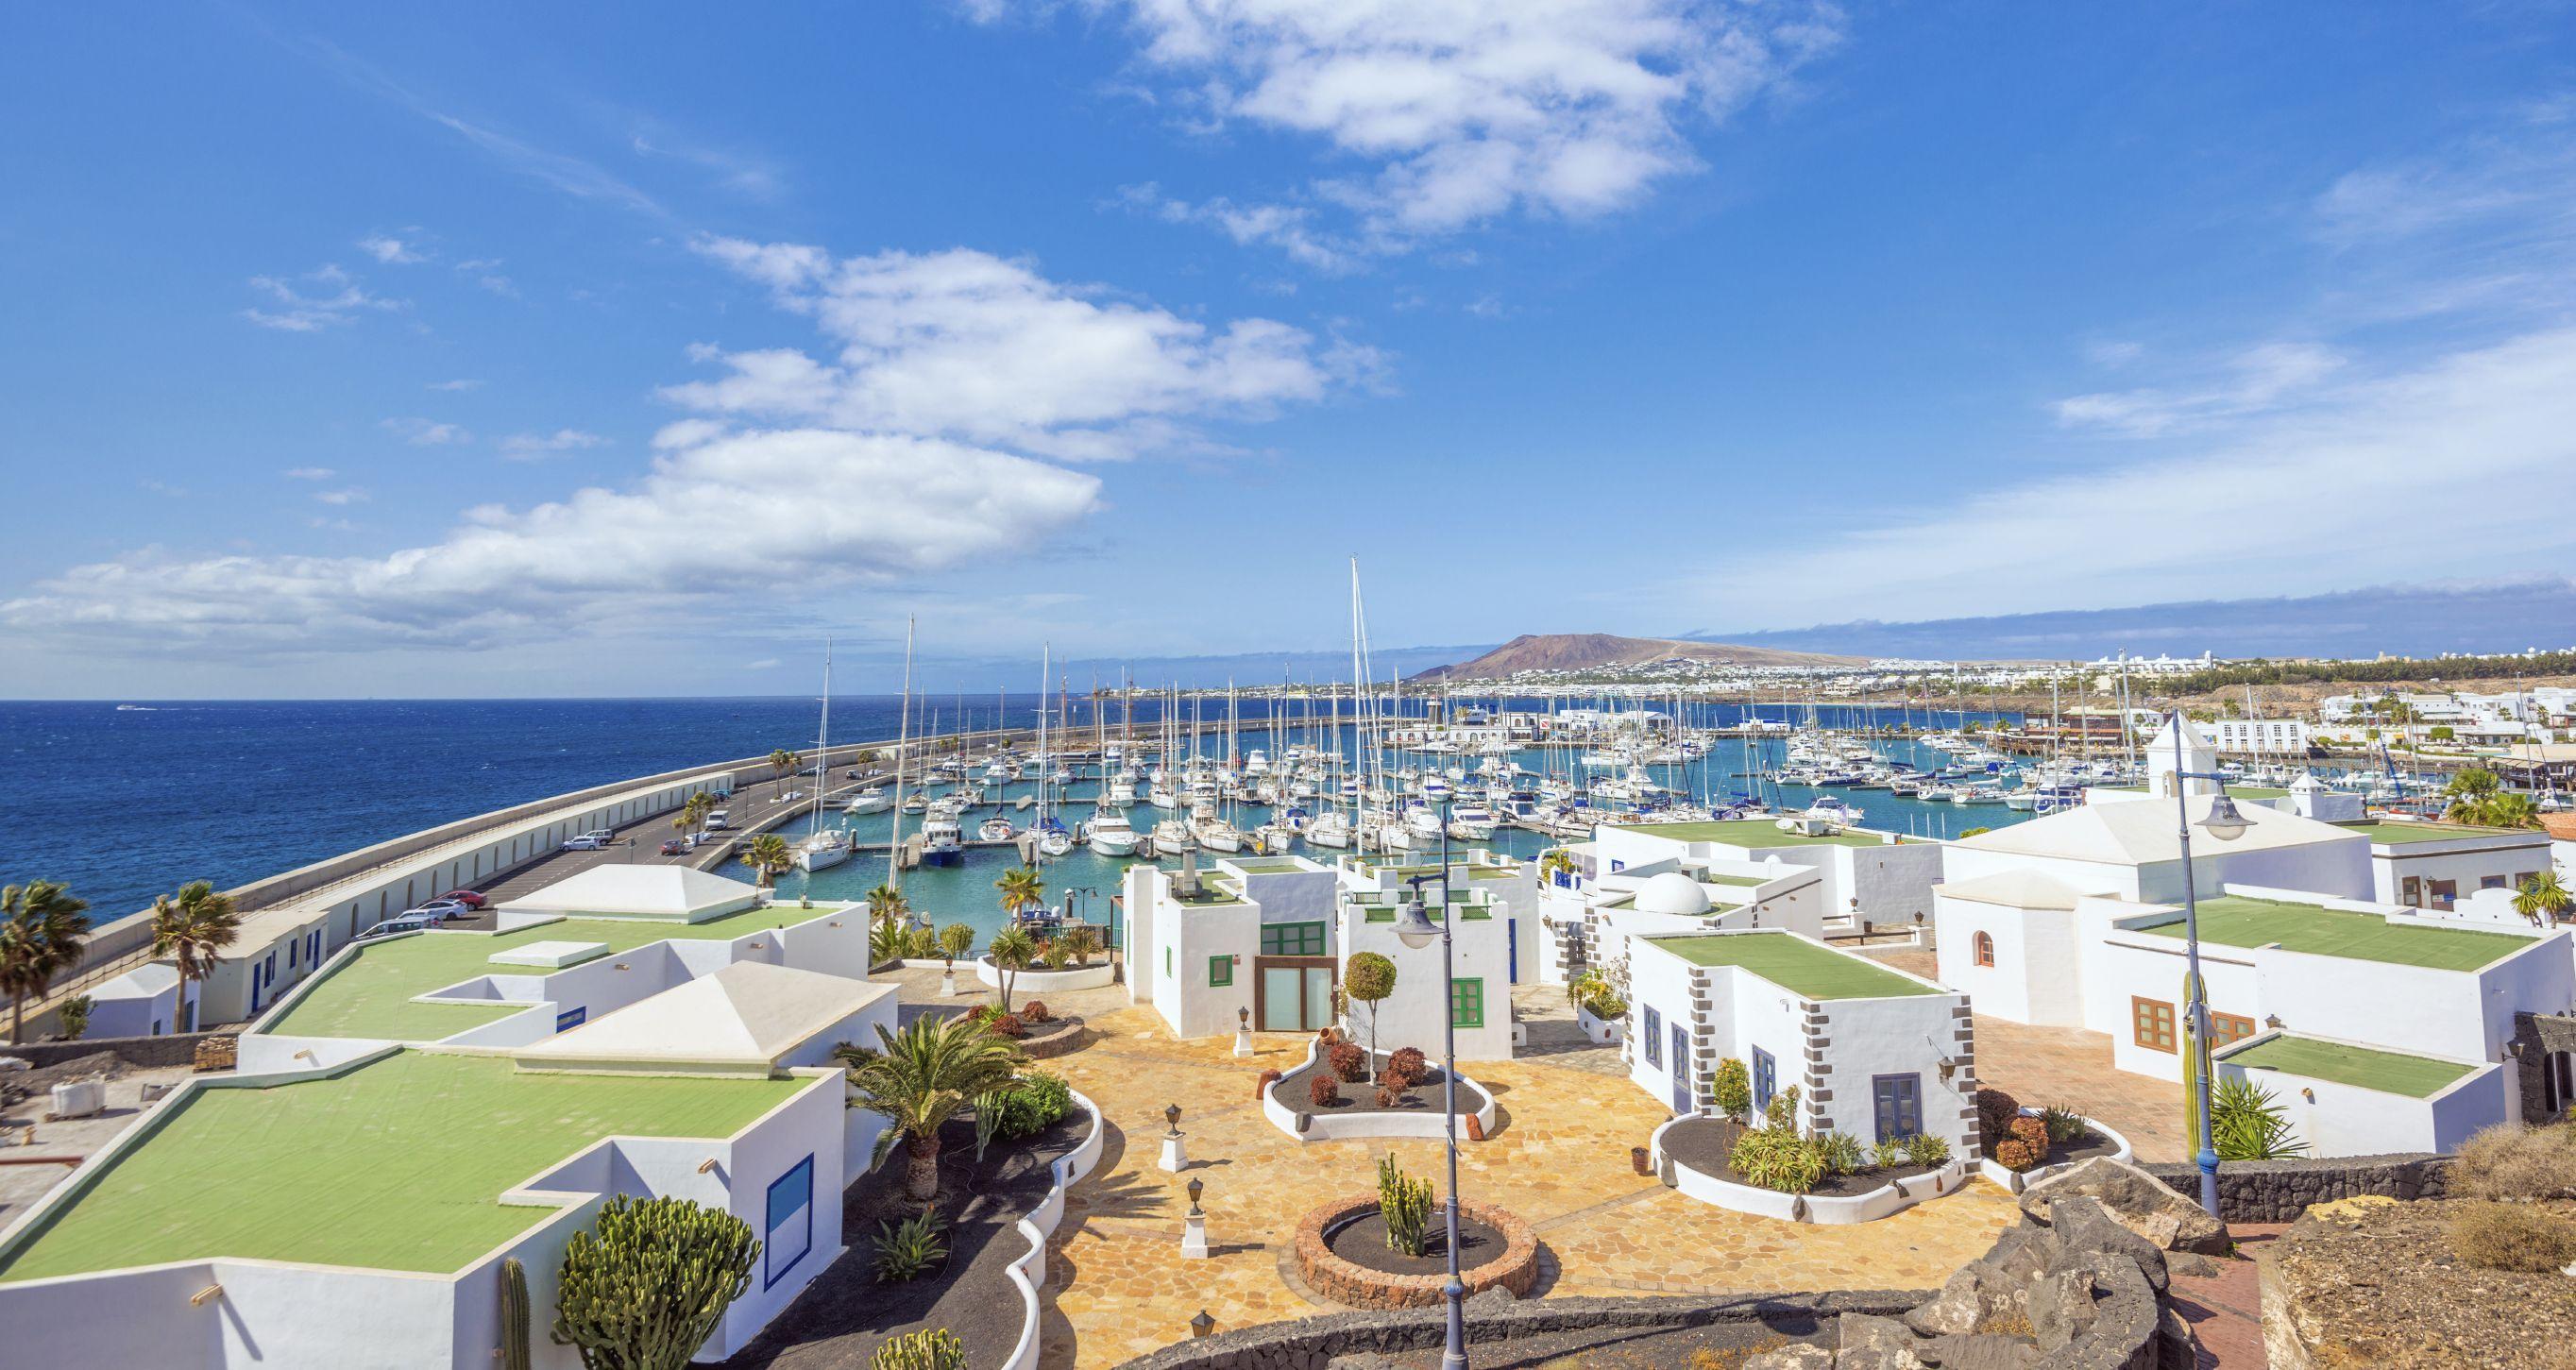 Jederzeit in den Sommer fliegen: Hin- und Rückflug nach Lanzarote ab 83 € - Urlaubsheld   Dein Urlaubsportal